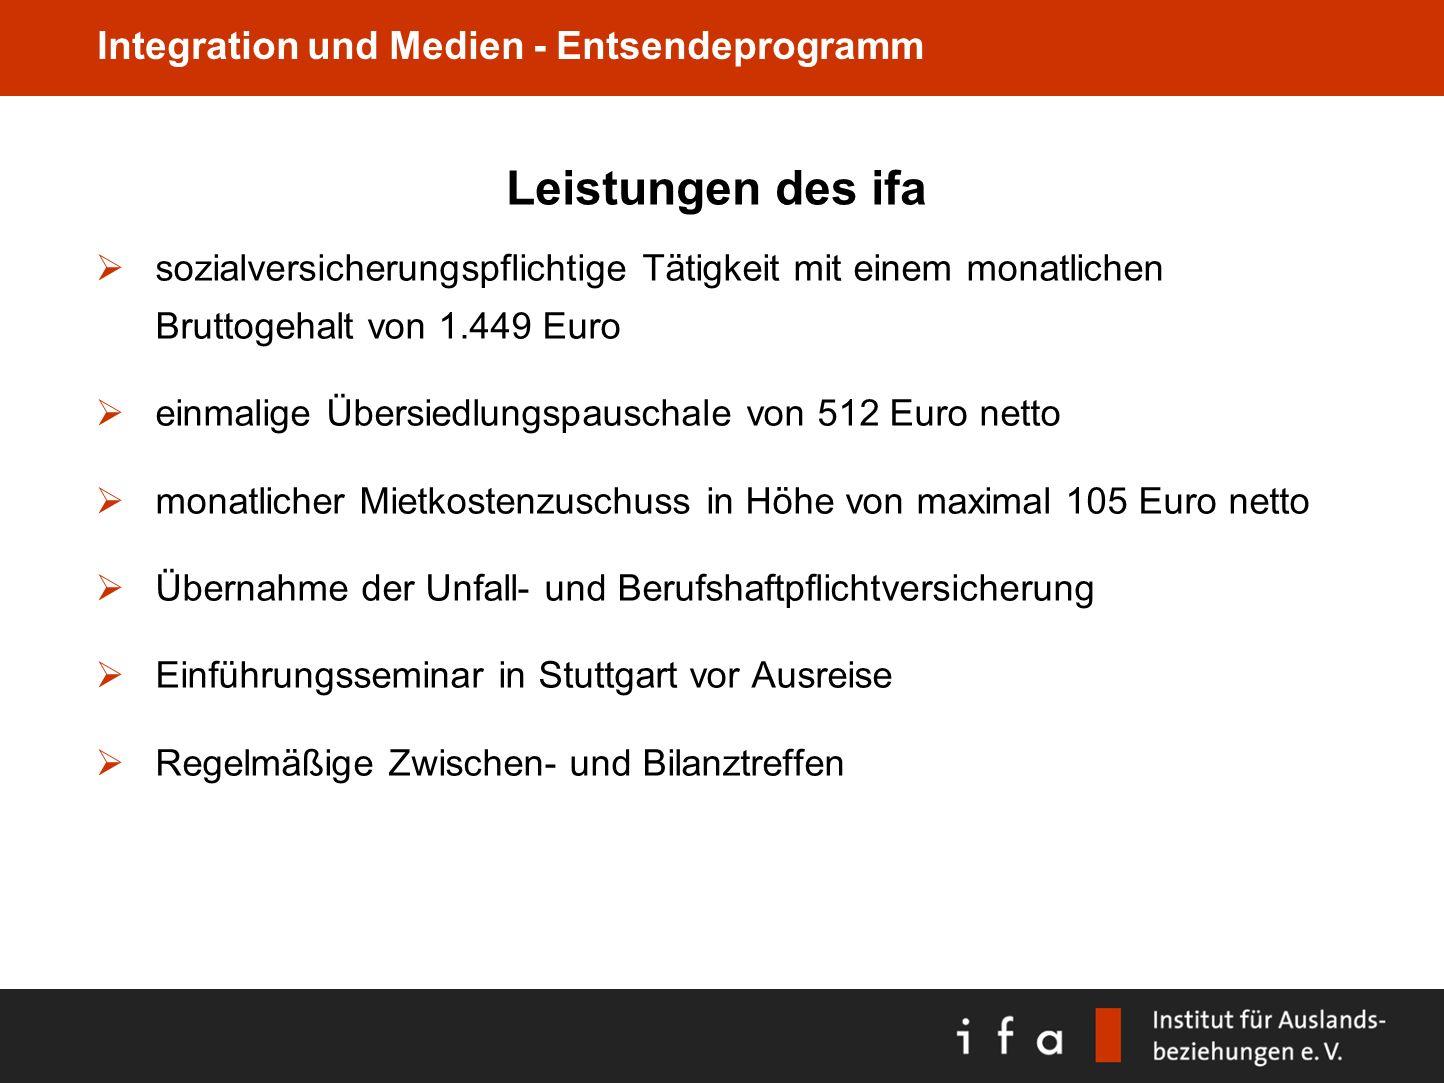 Integration und Medien - Entsendeprogramm Leistungen des ifa sozialversicherungspflichtige Tätigkeit mit einem monatlichen Bruttogehalt von 1.449 Euro